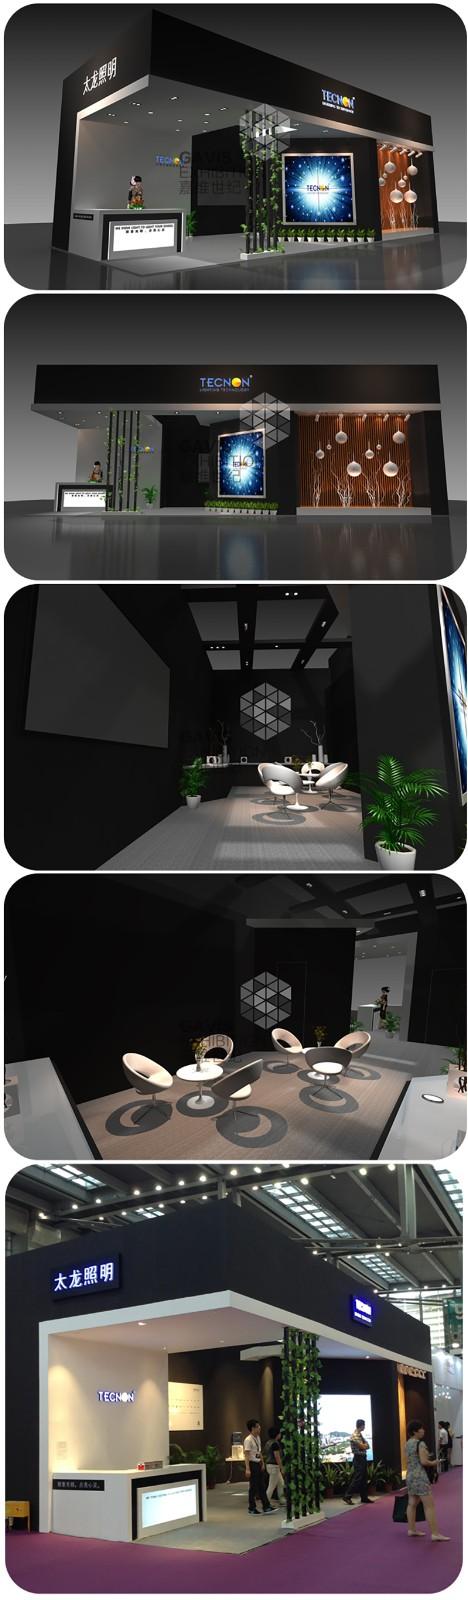 2015太龙照明深圳展|展览特装-厦门市嘉维世纪会展服务有限公司